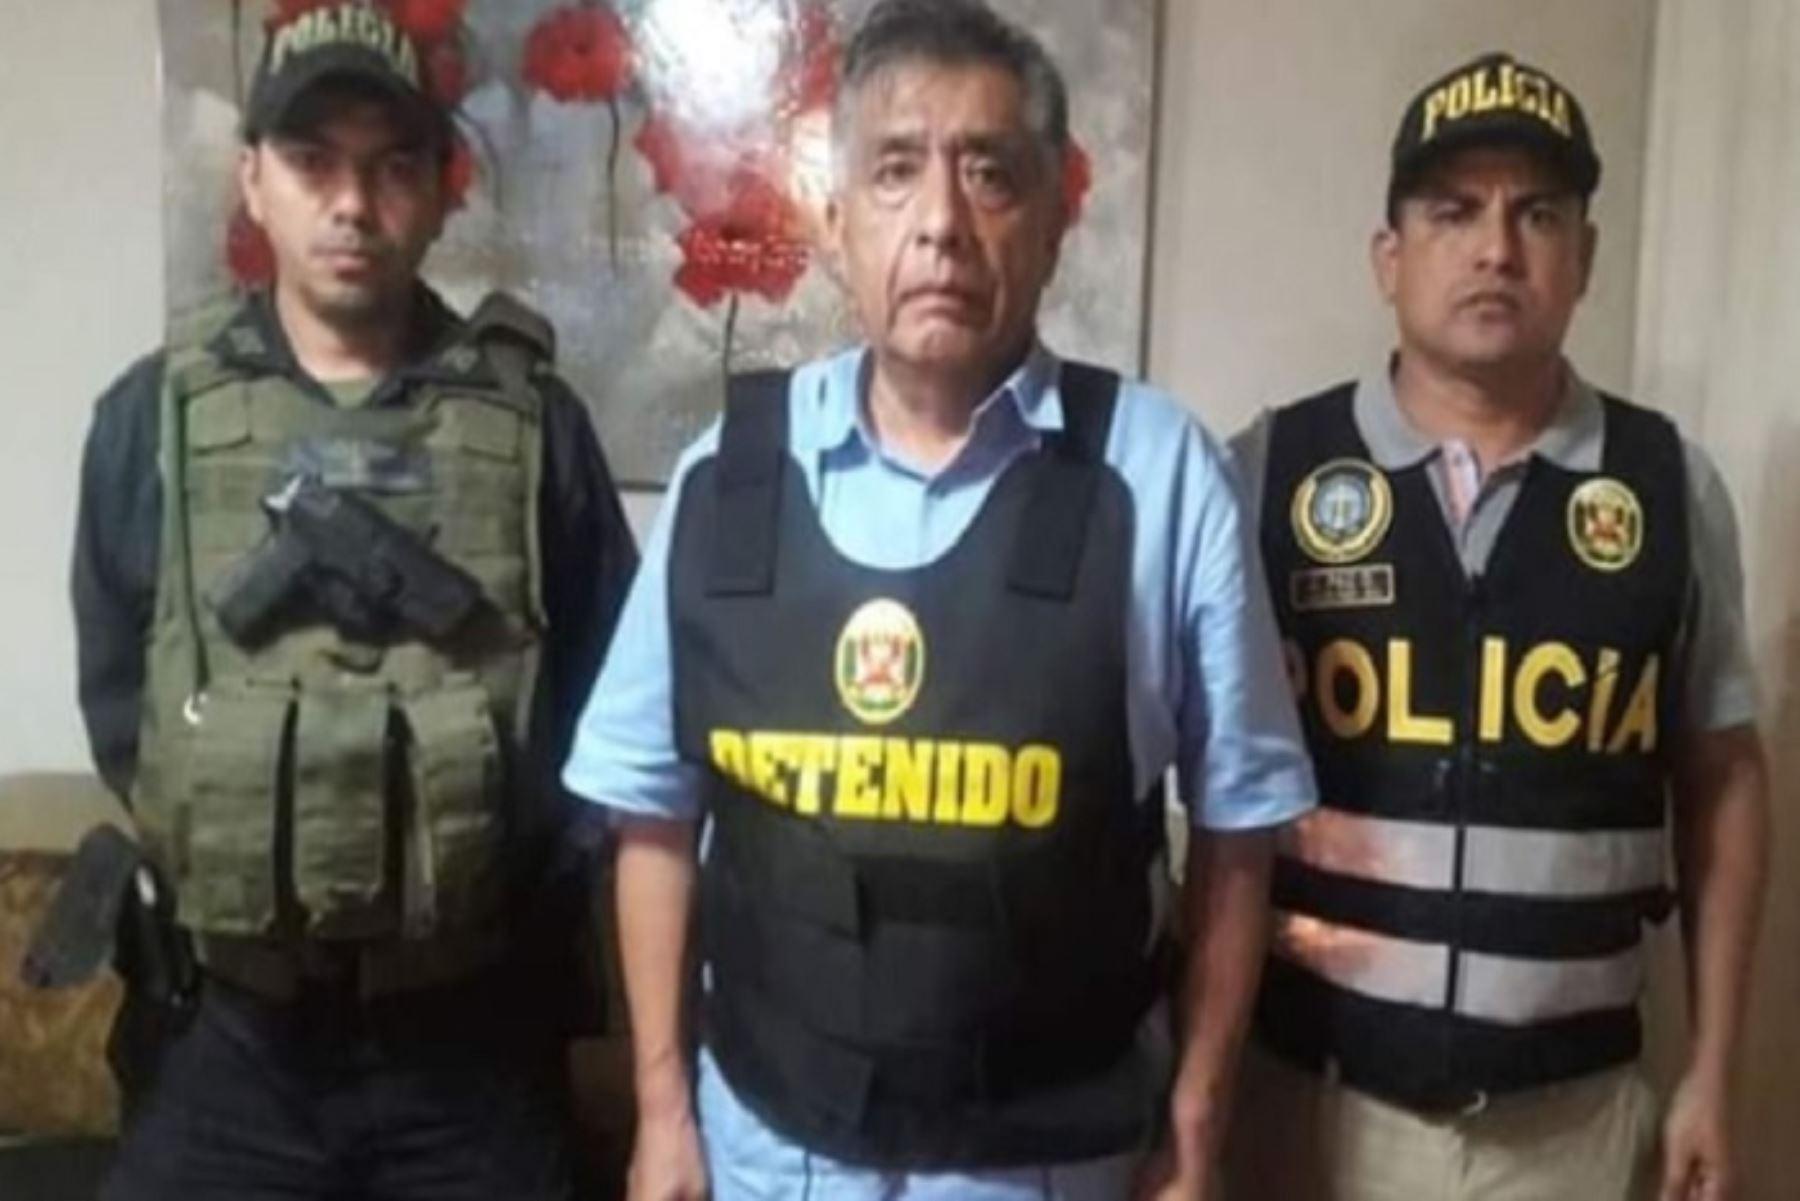 El exalcalde de Chiclayo David Cornejo Chinguel deberá permanecer en la cárcel por 36 meses, mientras duren las investigaciones en su contra. Foto: ANDINA/Archivo